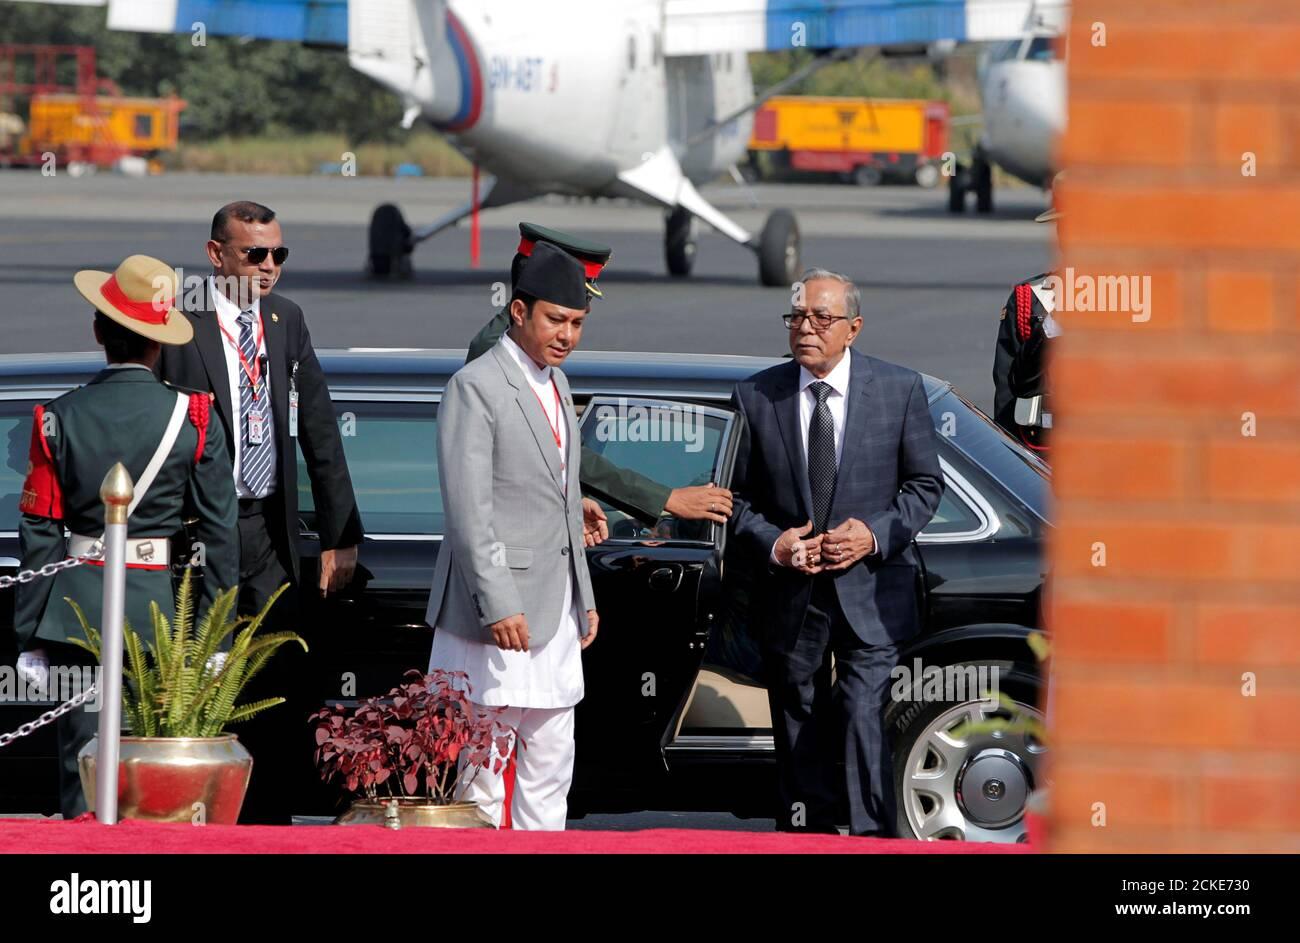 Président du Bangladesh Abdul Hamid arrive à l'aéroport international de Tribhuwan à Katmandou, au Népal, le 12 novembre 2019. Niranjan Shrestha/Pool via REUTERS Banque D'Images